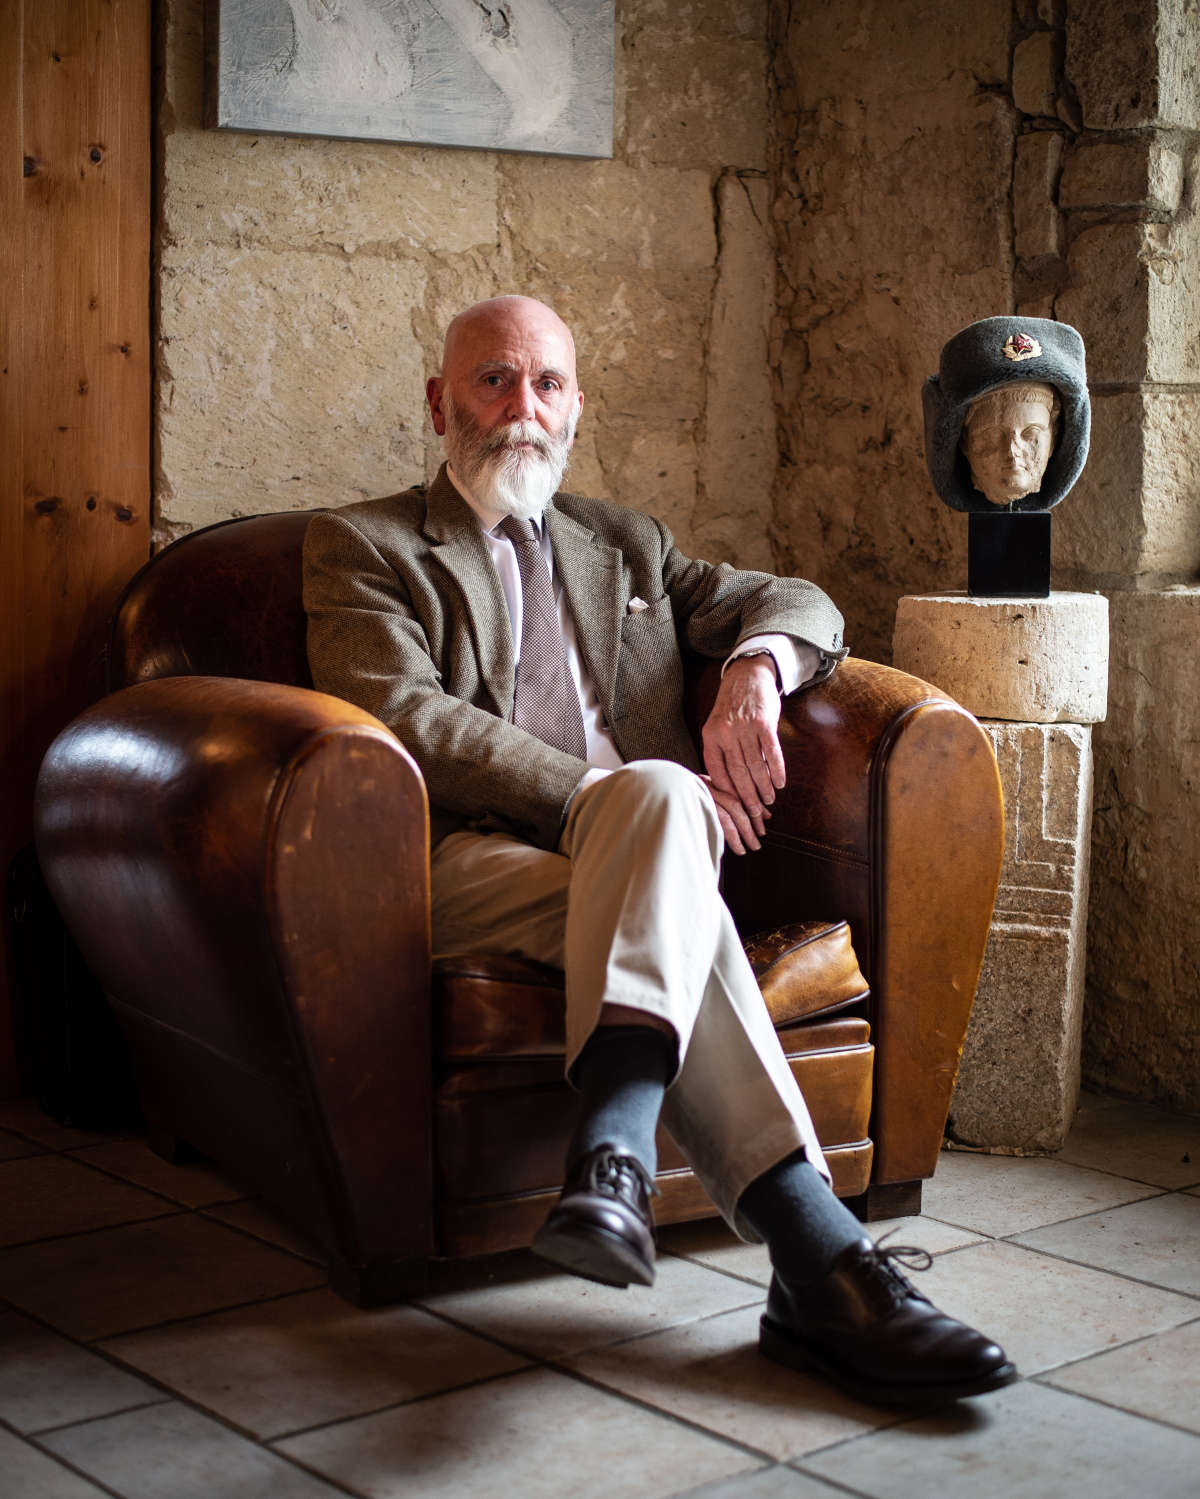 Renaud Camus tại nhà riêng trong lâu đài Plieux, ngày 14 tháng 10 năm 2019. Ảnh: Ulrich Lebeuf / Myop cho Le Monde